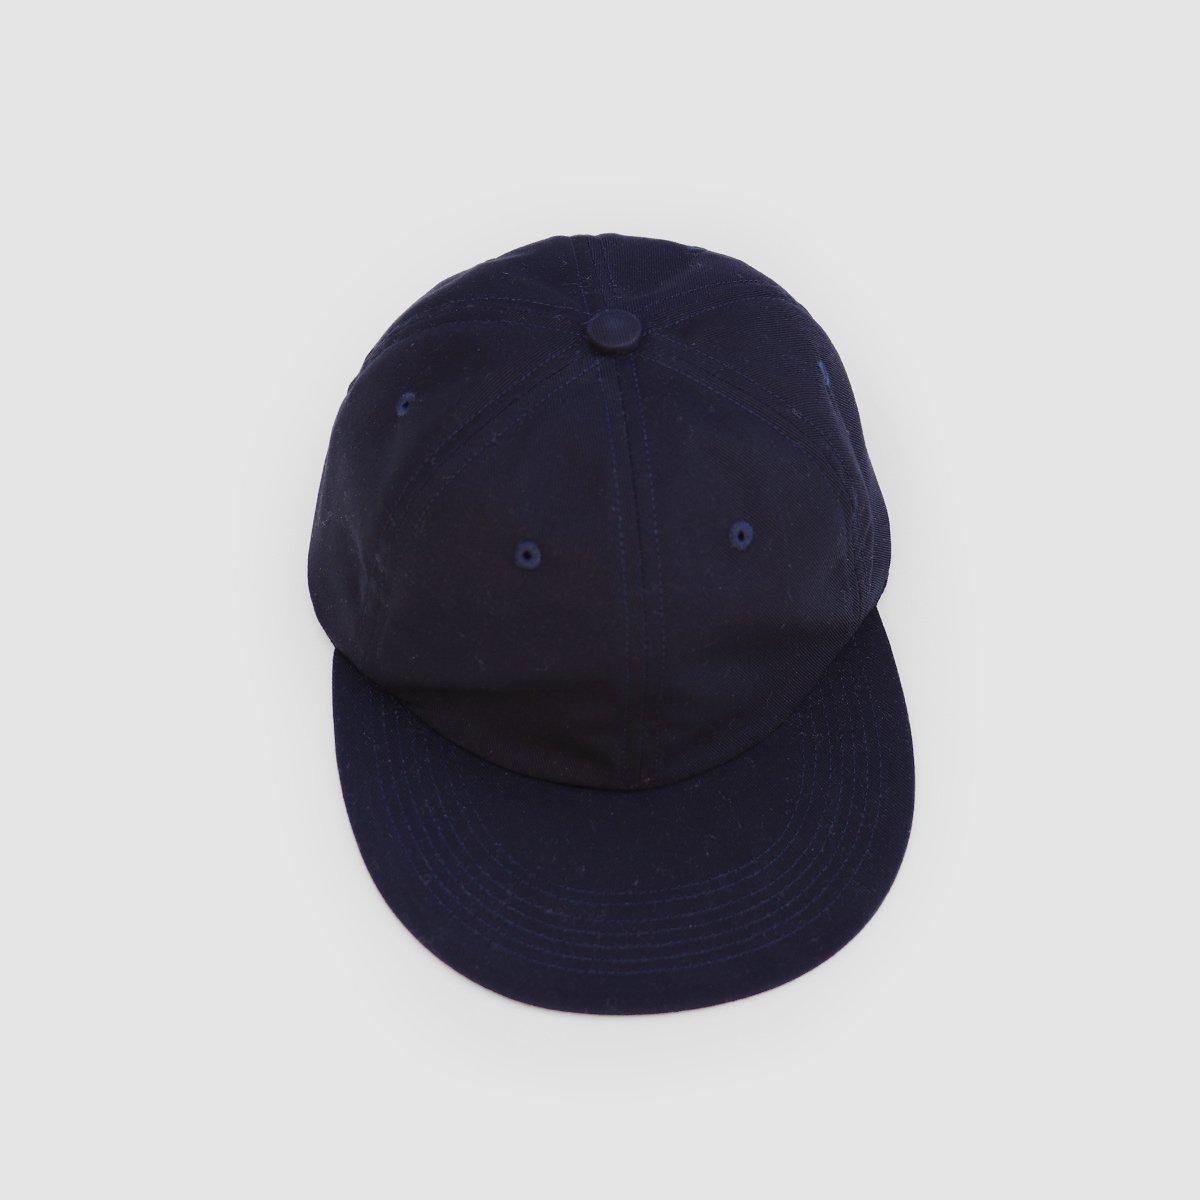 JOBA CAP 詳細画像5